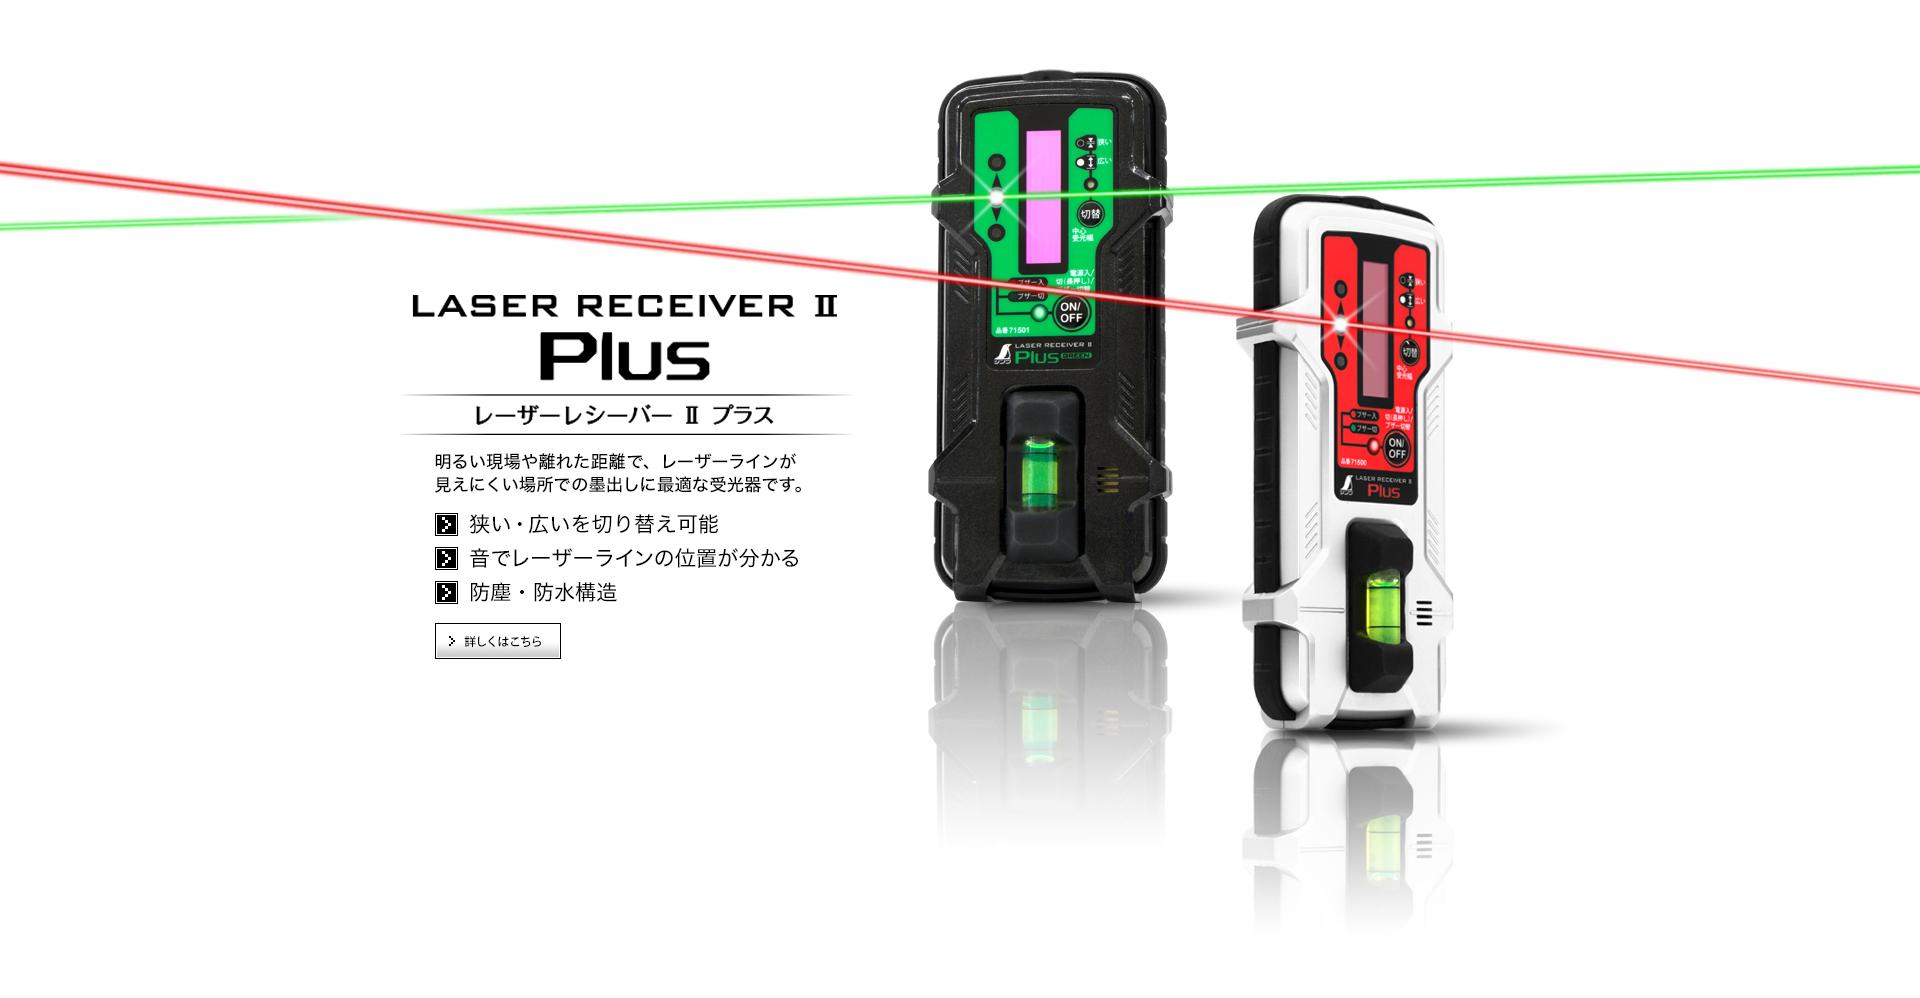 レーザーレシーバー2Plus